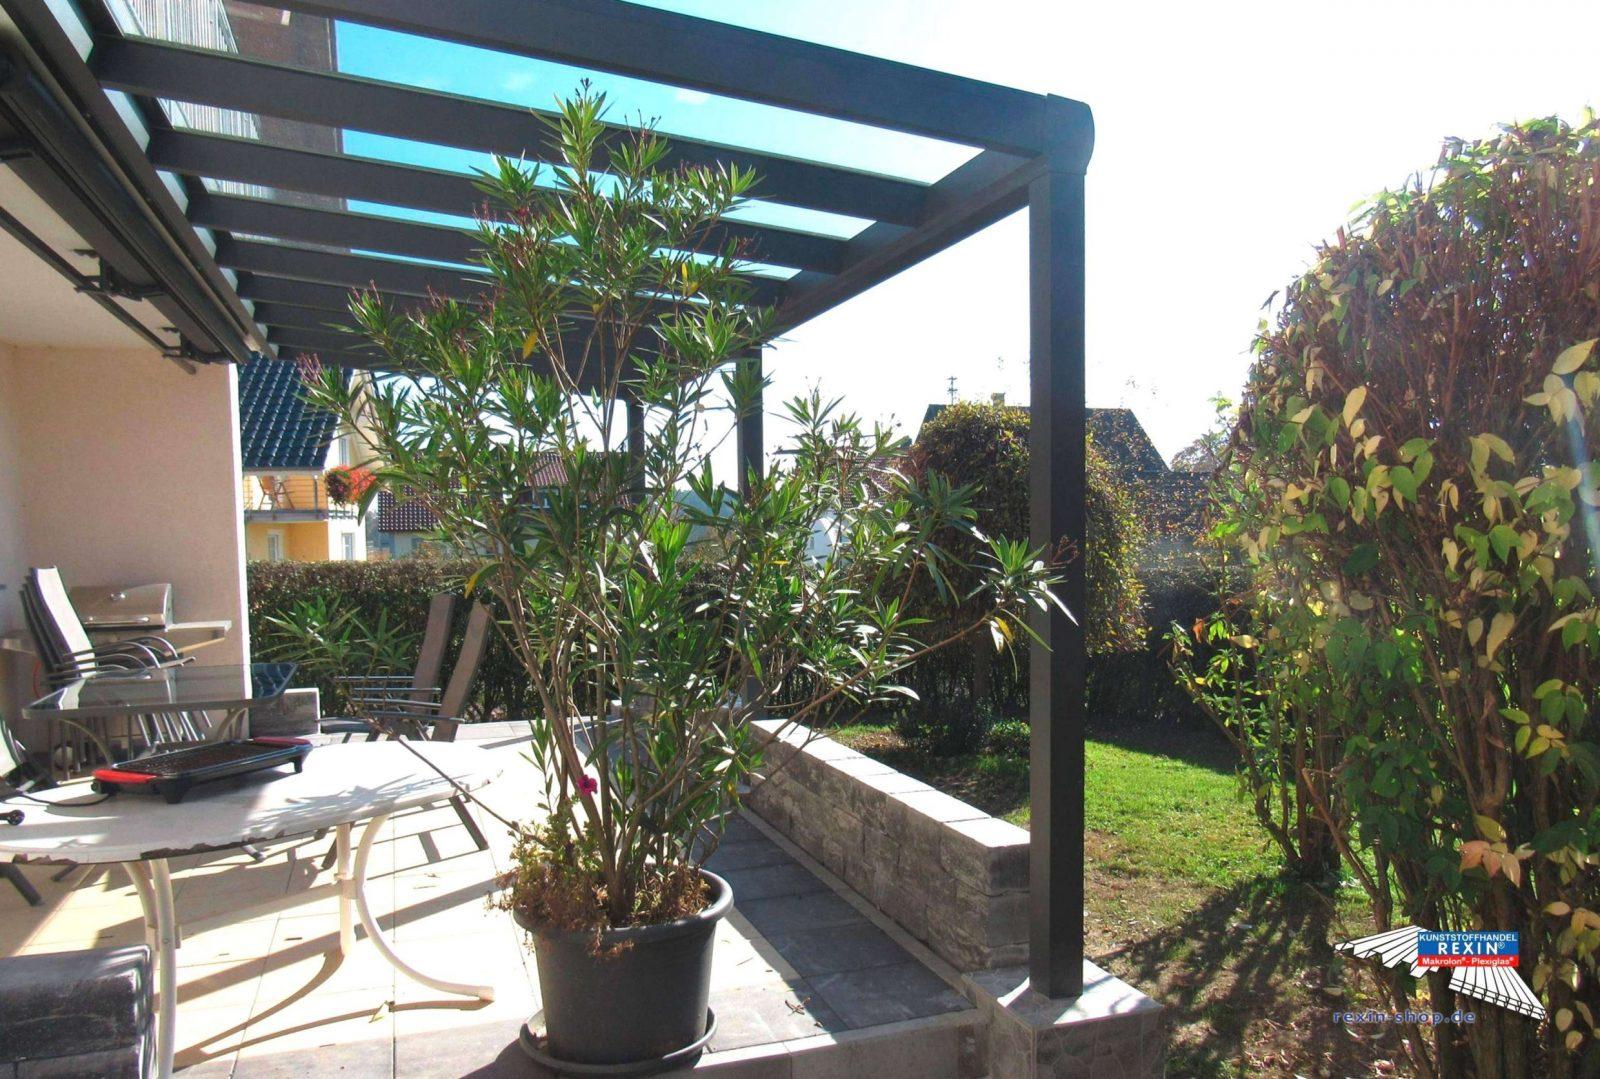 Garten Gestalten Mit Wenig Geld Schön Balkon Dekorieren Brillant von Balkon Gestalten Mit Wenig Geld Photo